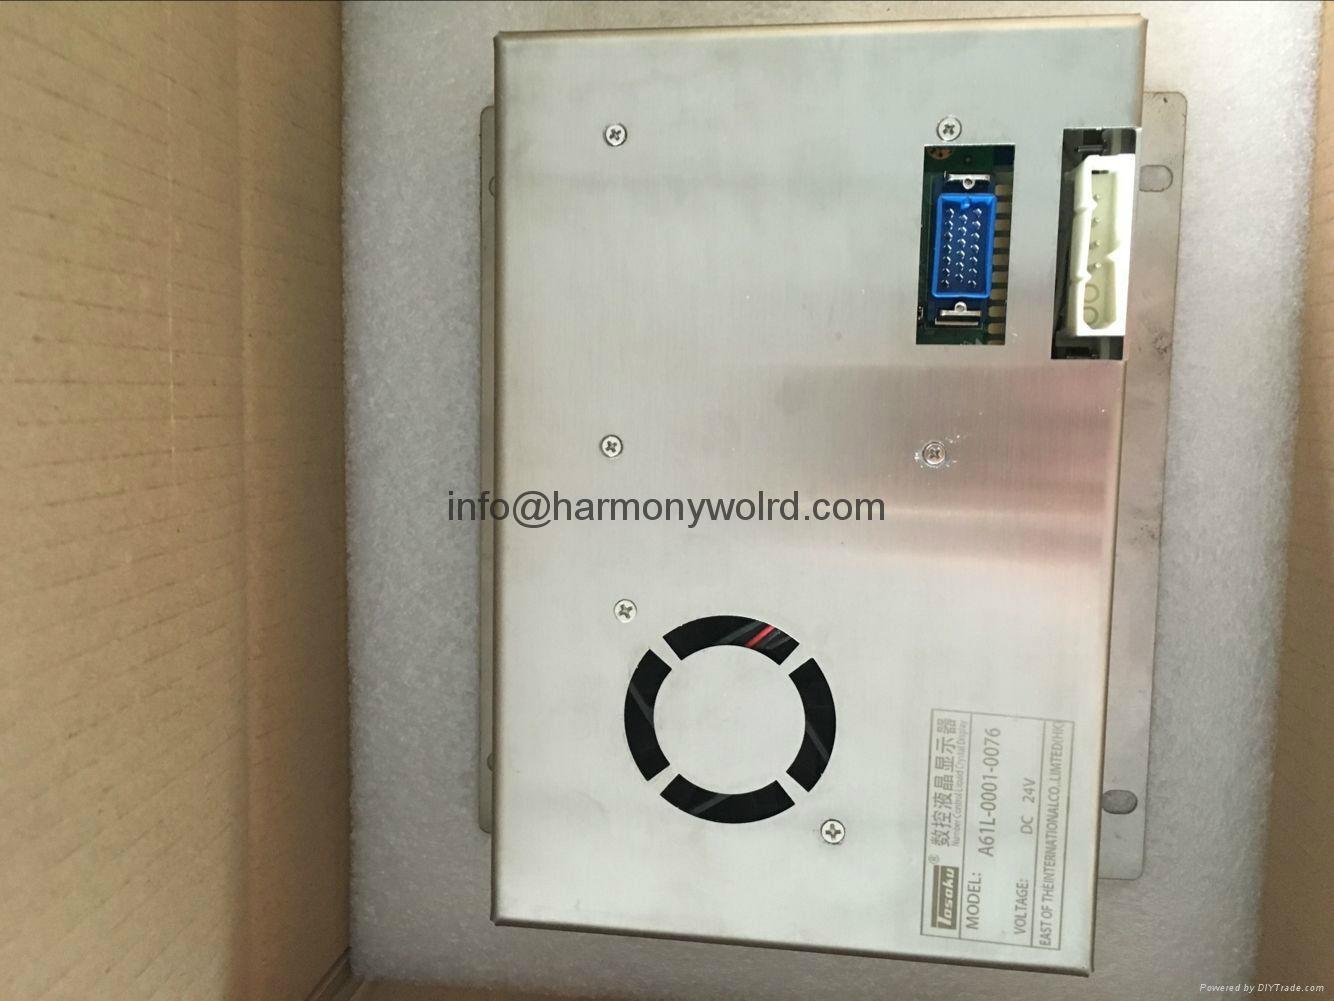 Upgrade A02B-0166-C001 Fanuc Monitors A02B-0200-C071 A02B-0200-C115  17